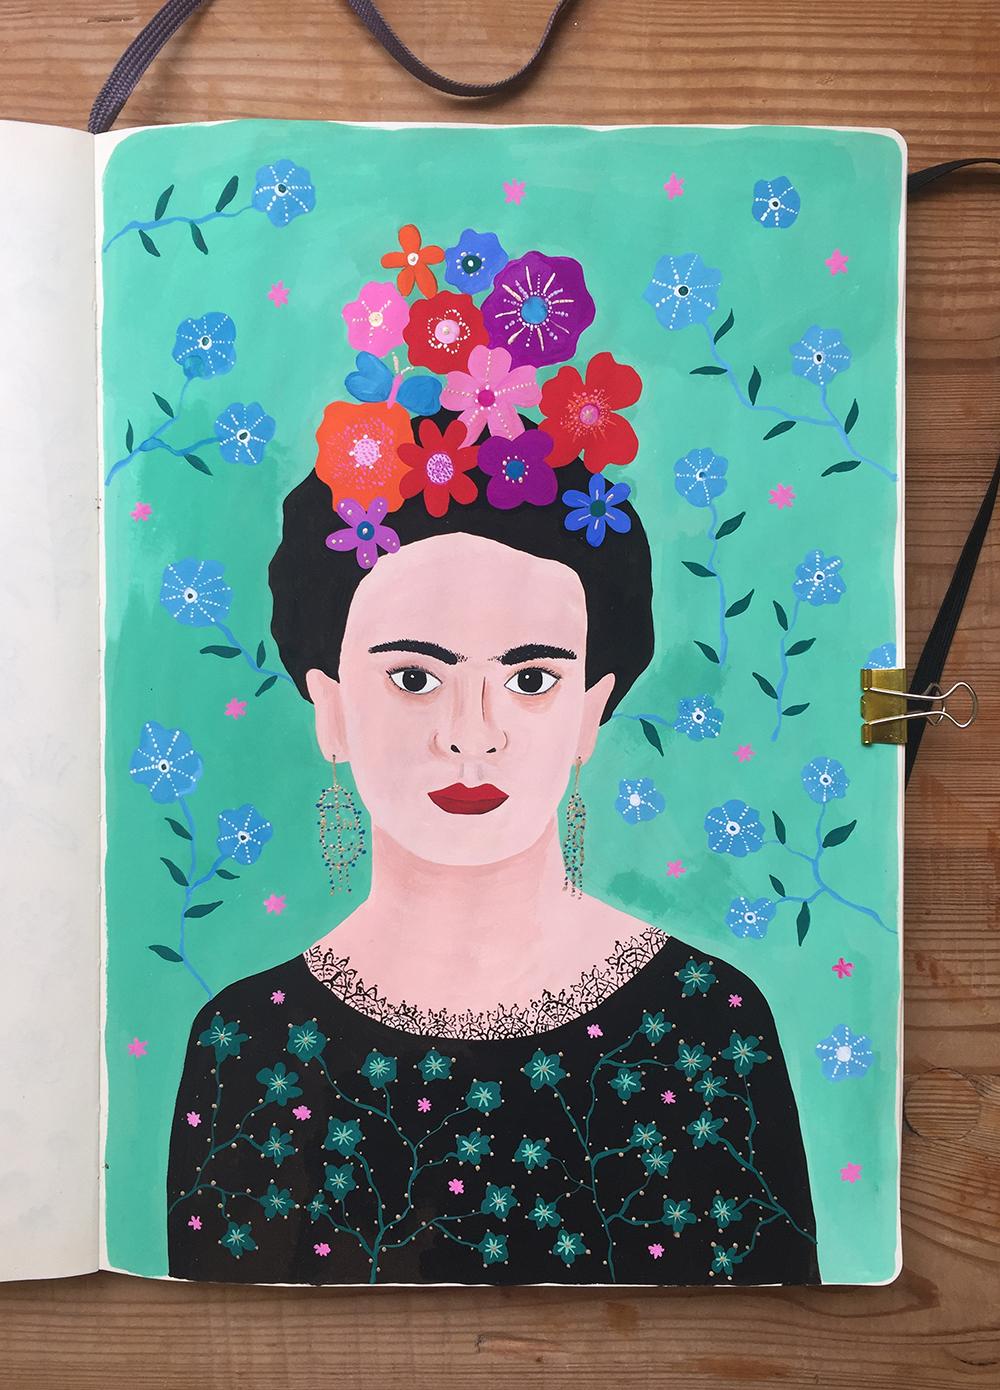 Frida Kahlo illustration by Marenthe